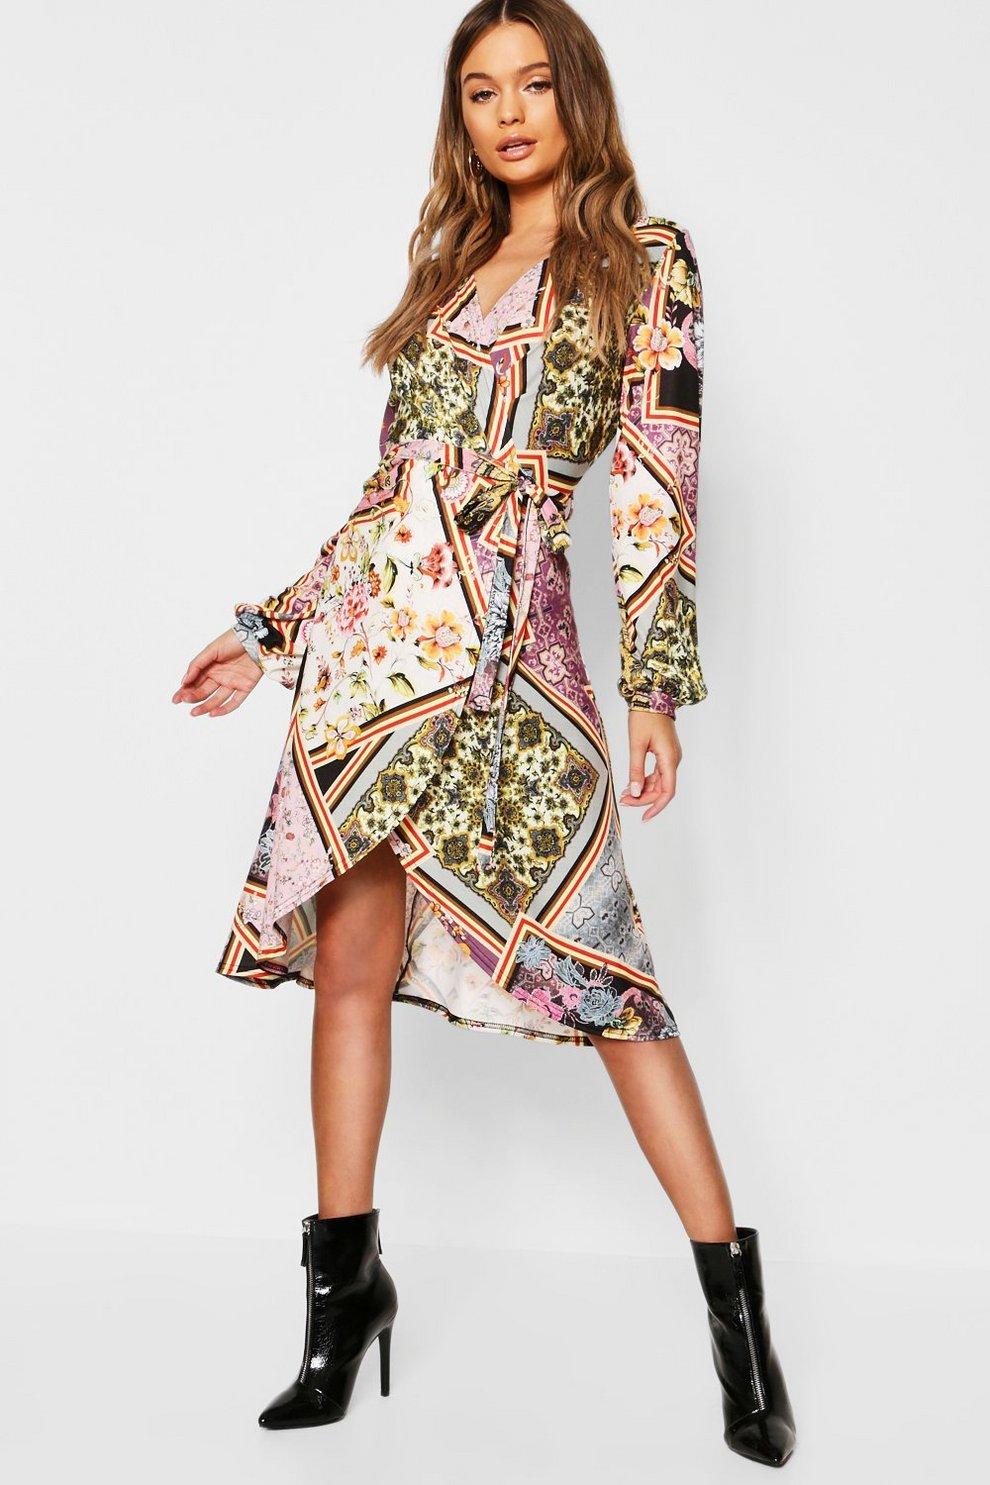 Robe Midi FloralBoohoo Cœur Cache Imprimé fIYb76ygv